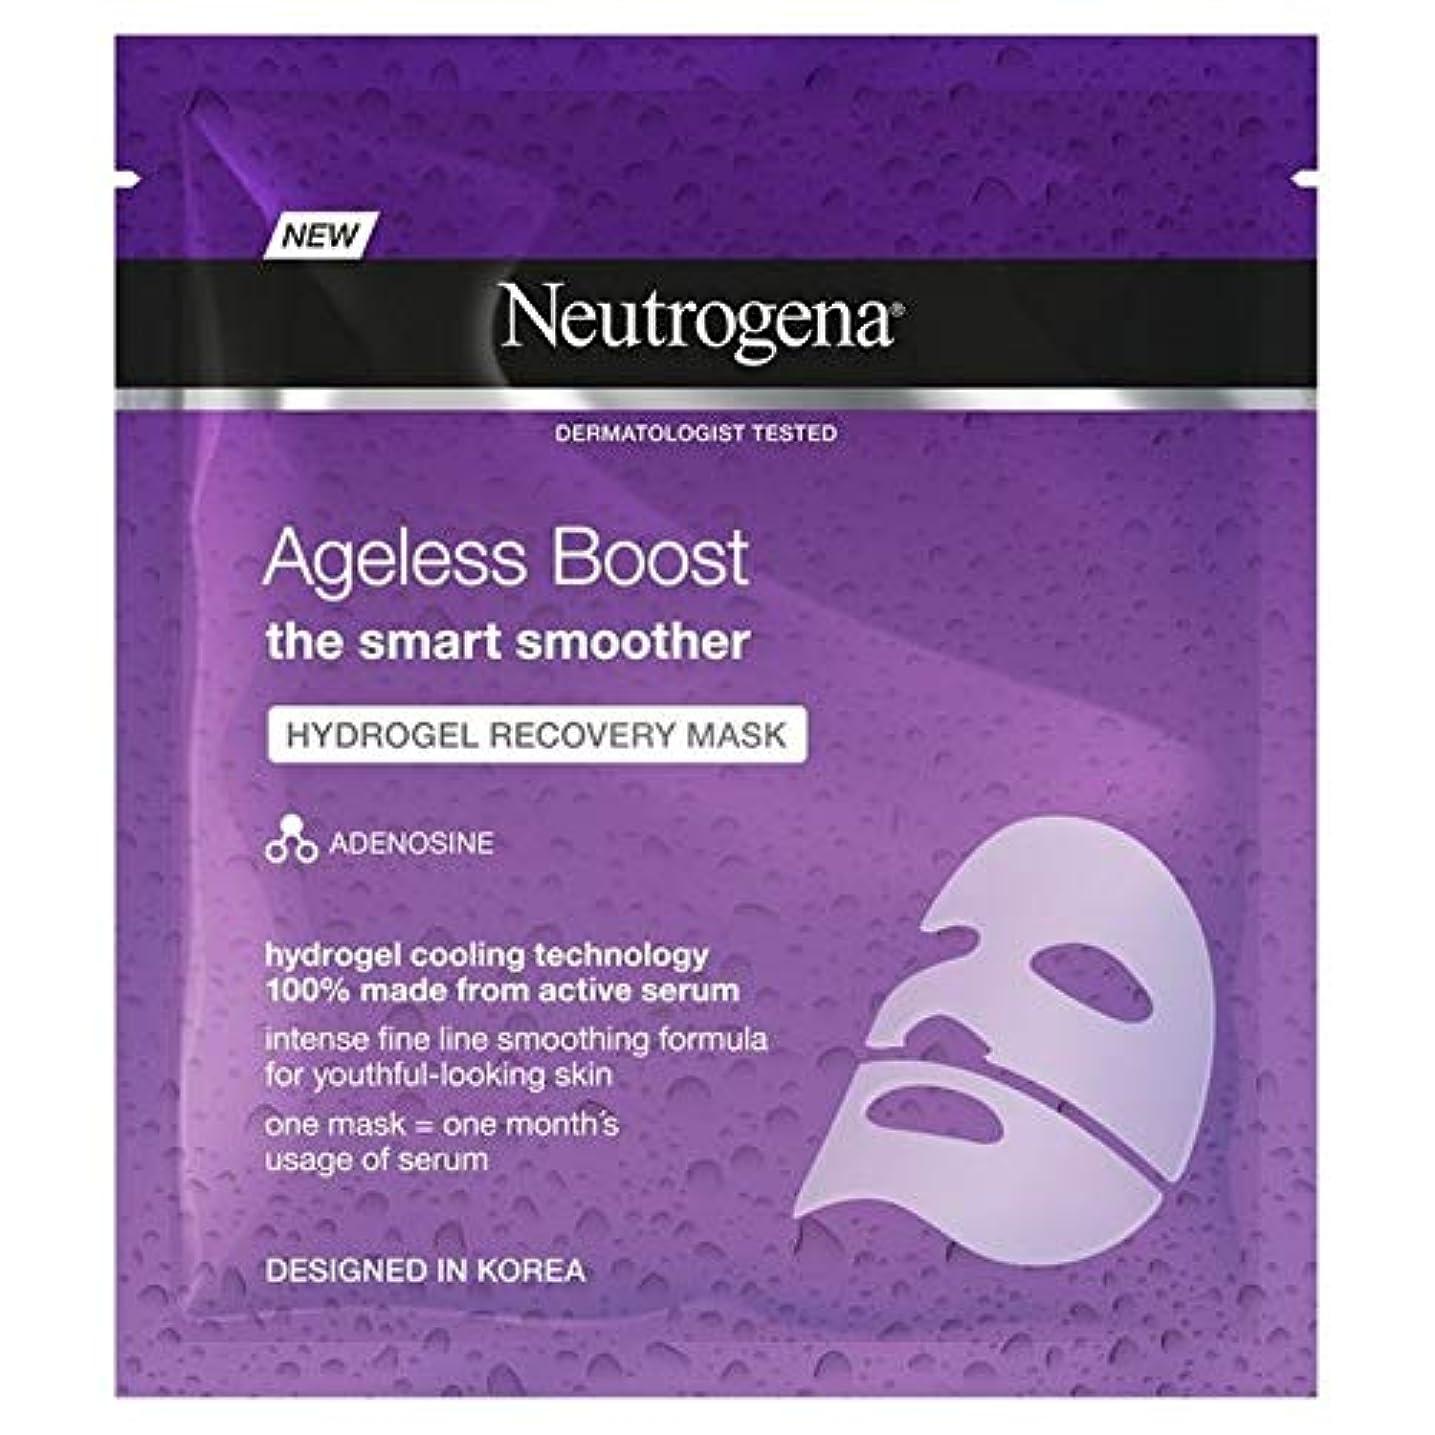 うつ革命的見て[Neutrogena] ニュートロジーナ永遠ブーストハイドロゲルマスク30ミリリットル - Neutrogena Ageless Boost Hydrogel Mask 30ml [並行輸入品]